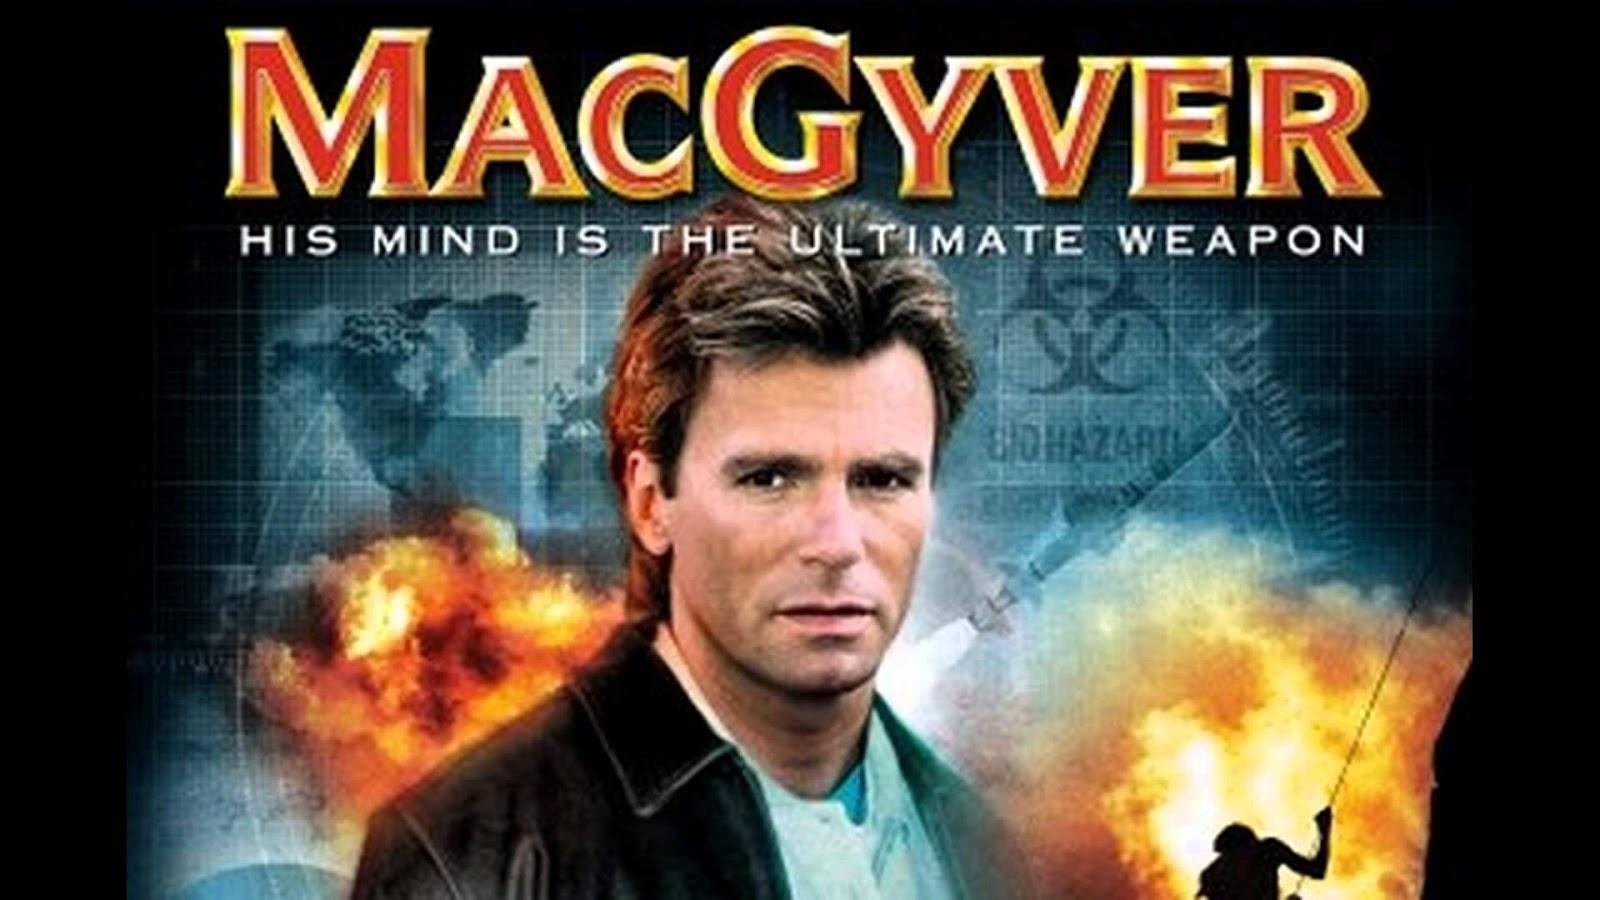 MacGyver于1985年的宣传海报。 -图片摘自网络-